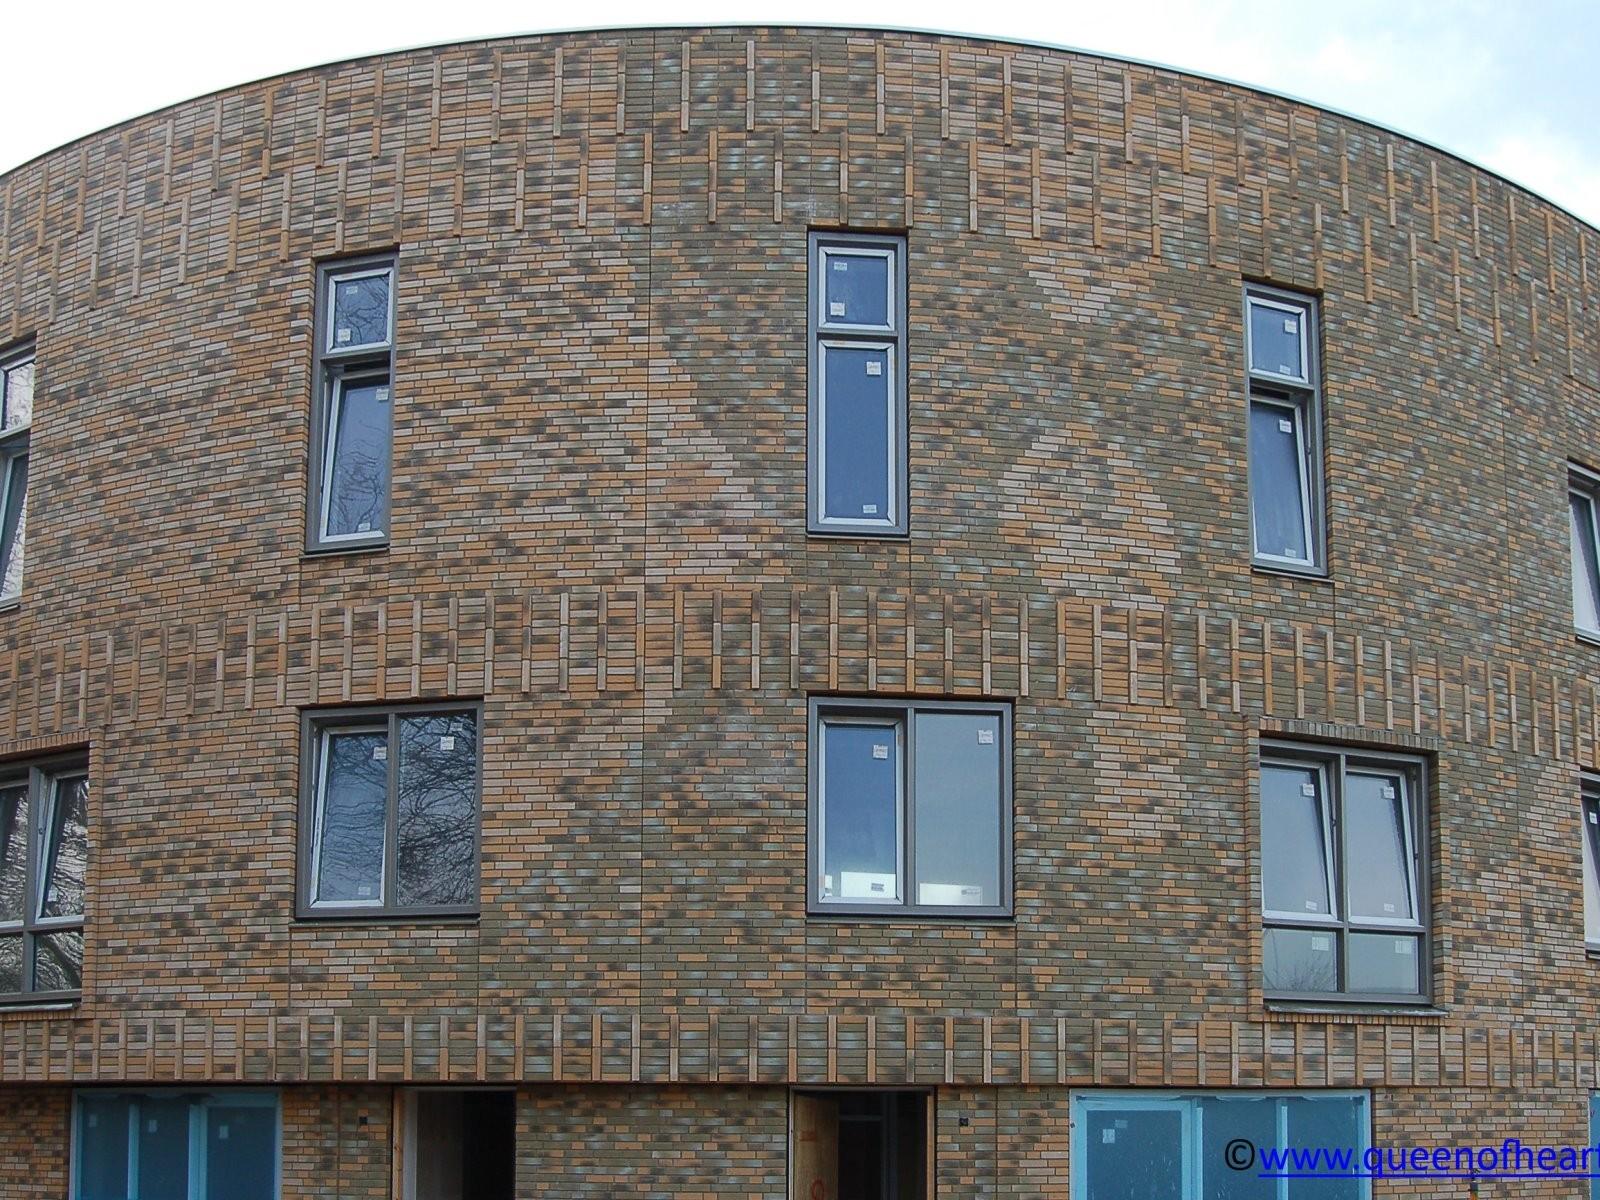 Speciale projectstenen voor appartementen - Italiëlaan - Haarlem